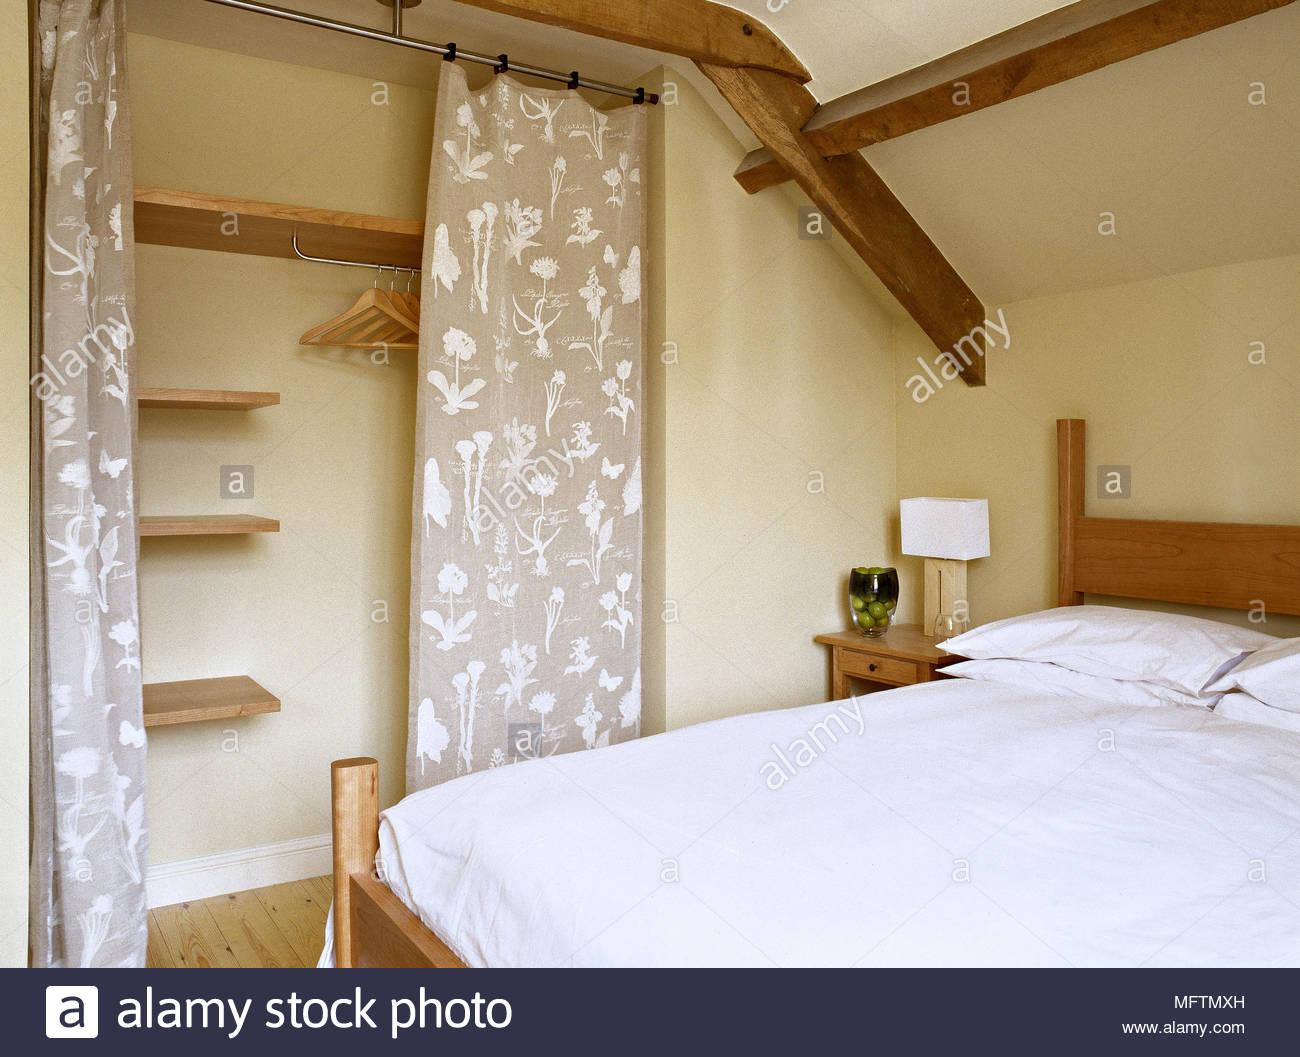 Camera Da Letto Giallo : Giallo camere da letto apt nel centro del homeaway